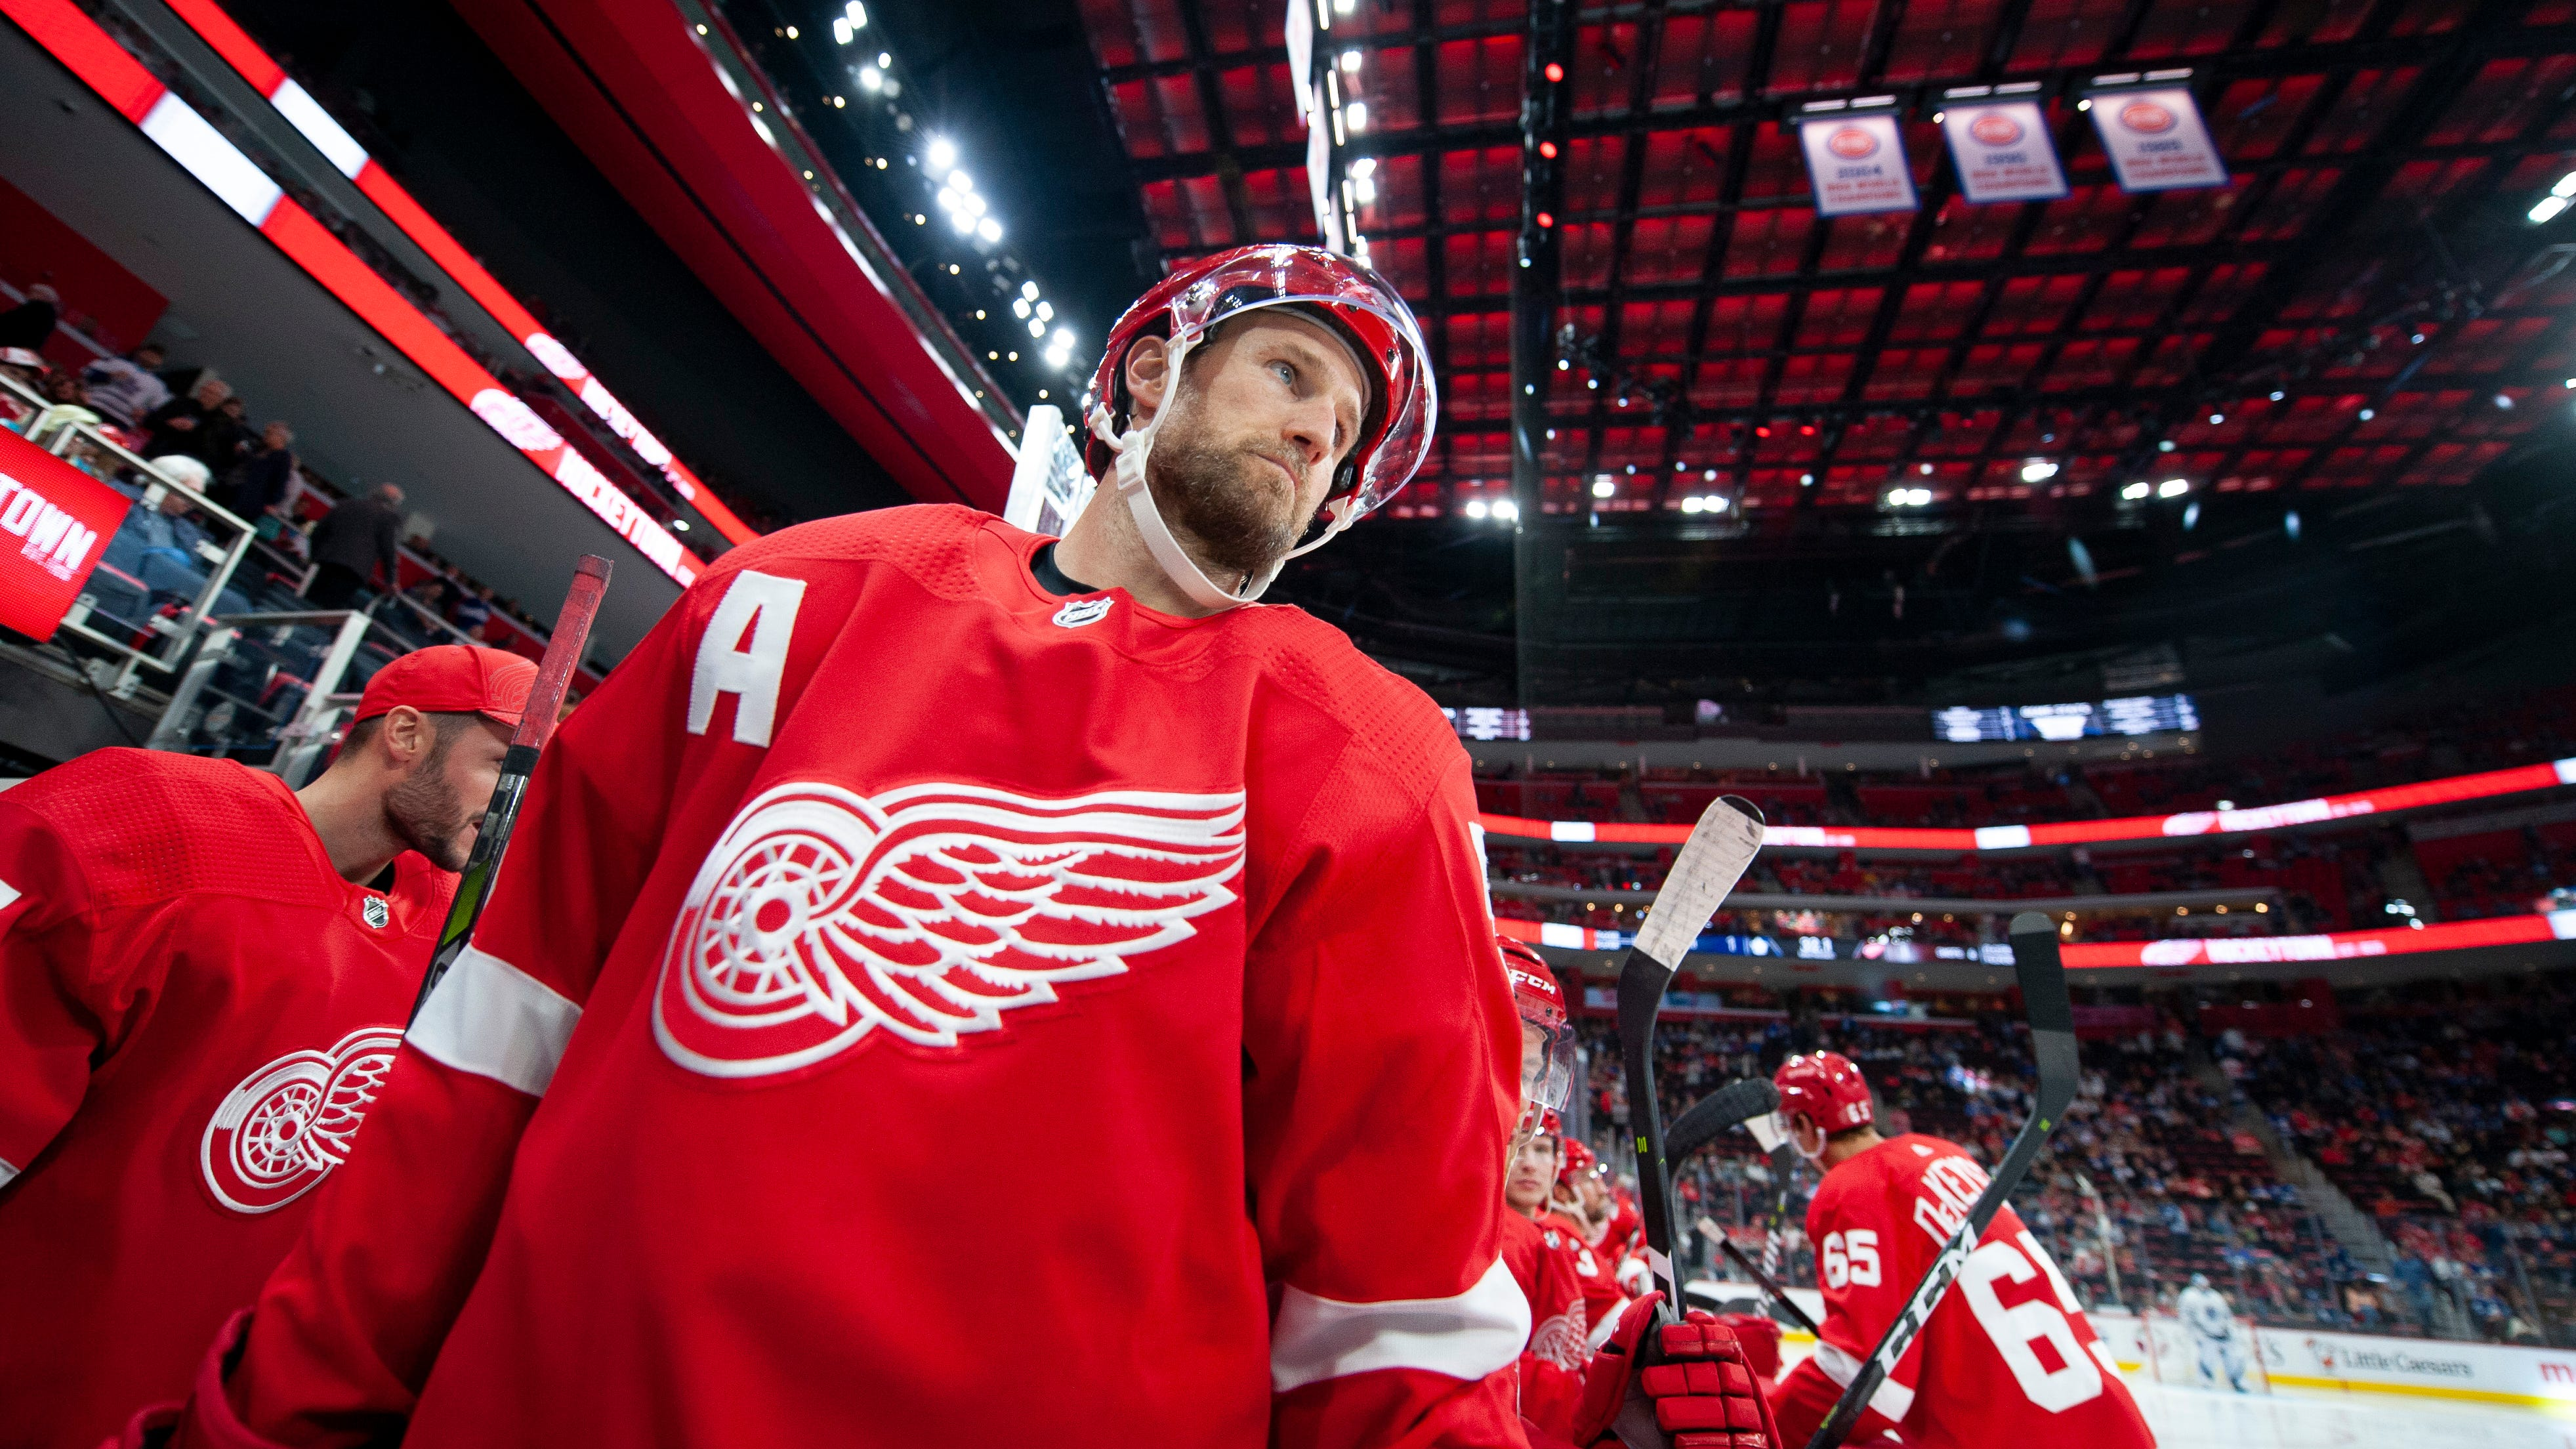 Red Wings defenseman Niklas Kronwall is in his 15th NHL season.